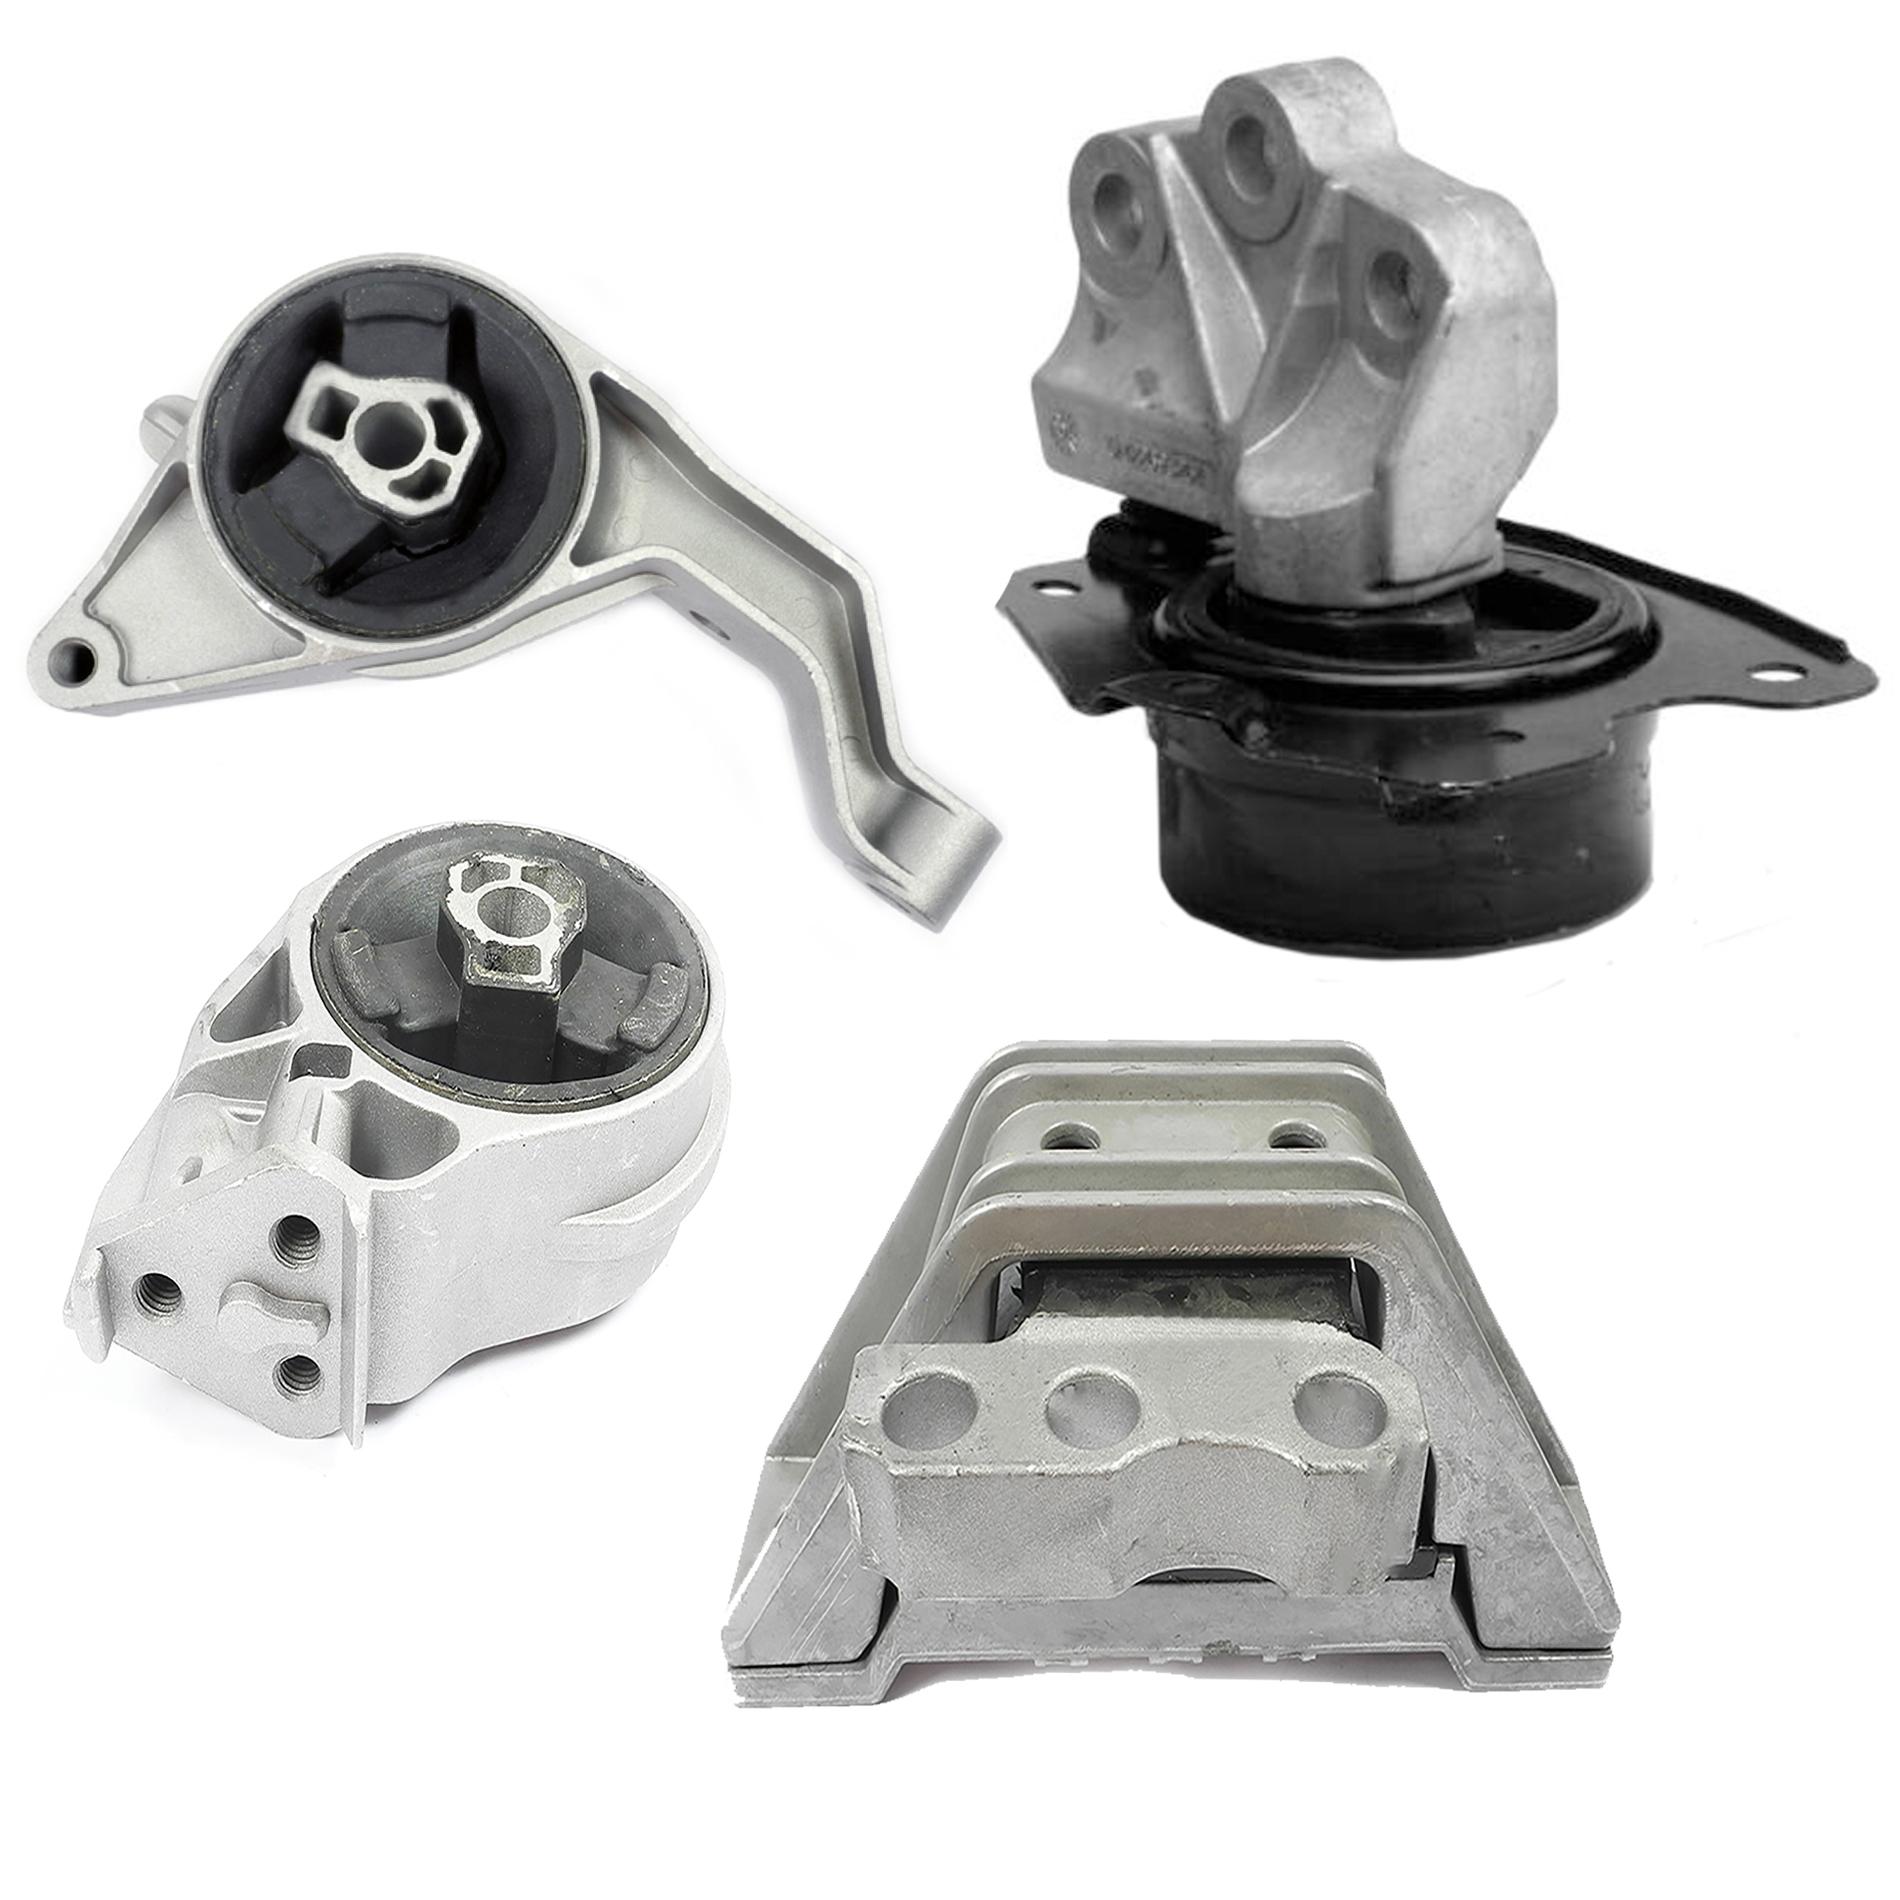 Engine Trans Left Motor Mount 3081 For Chevrolet Cobalt Pontiac G5 Saturn Ion